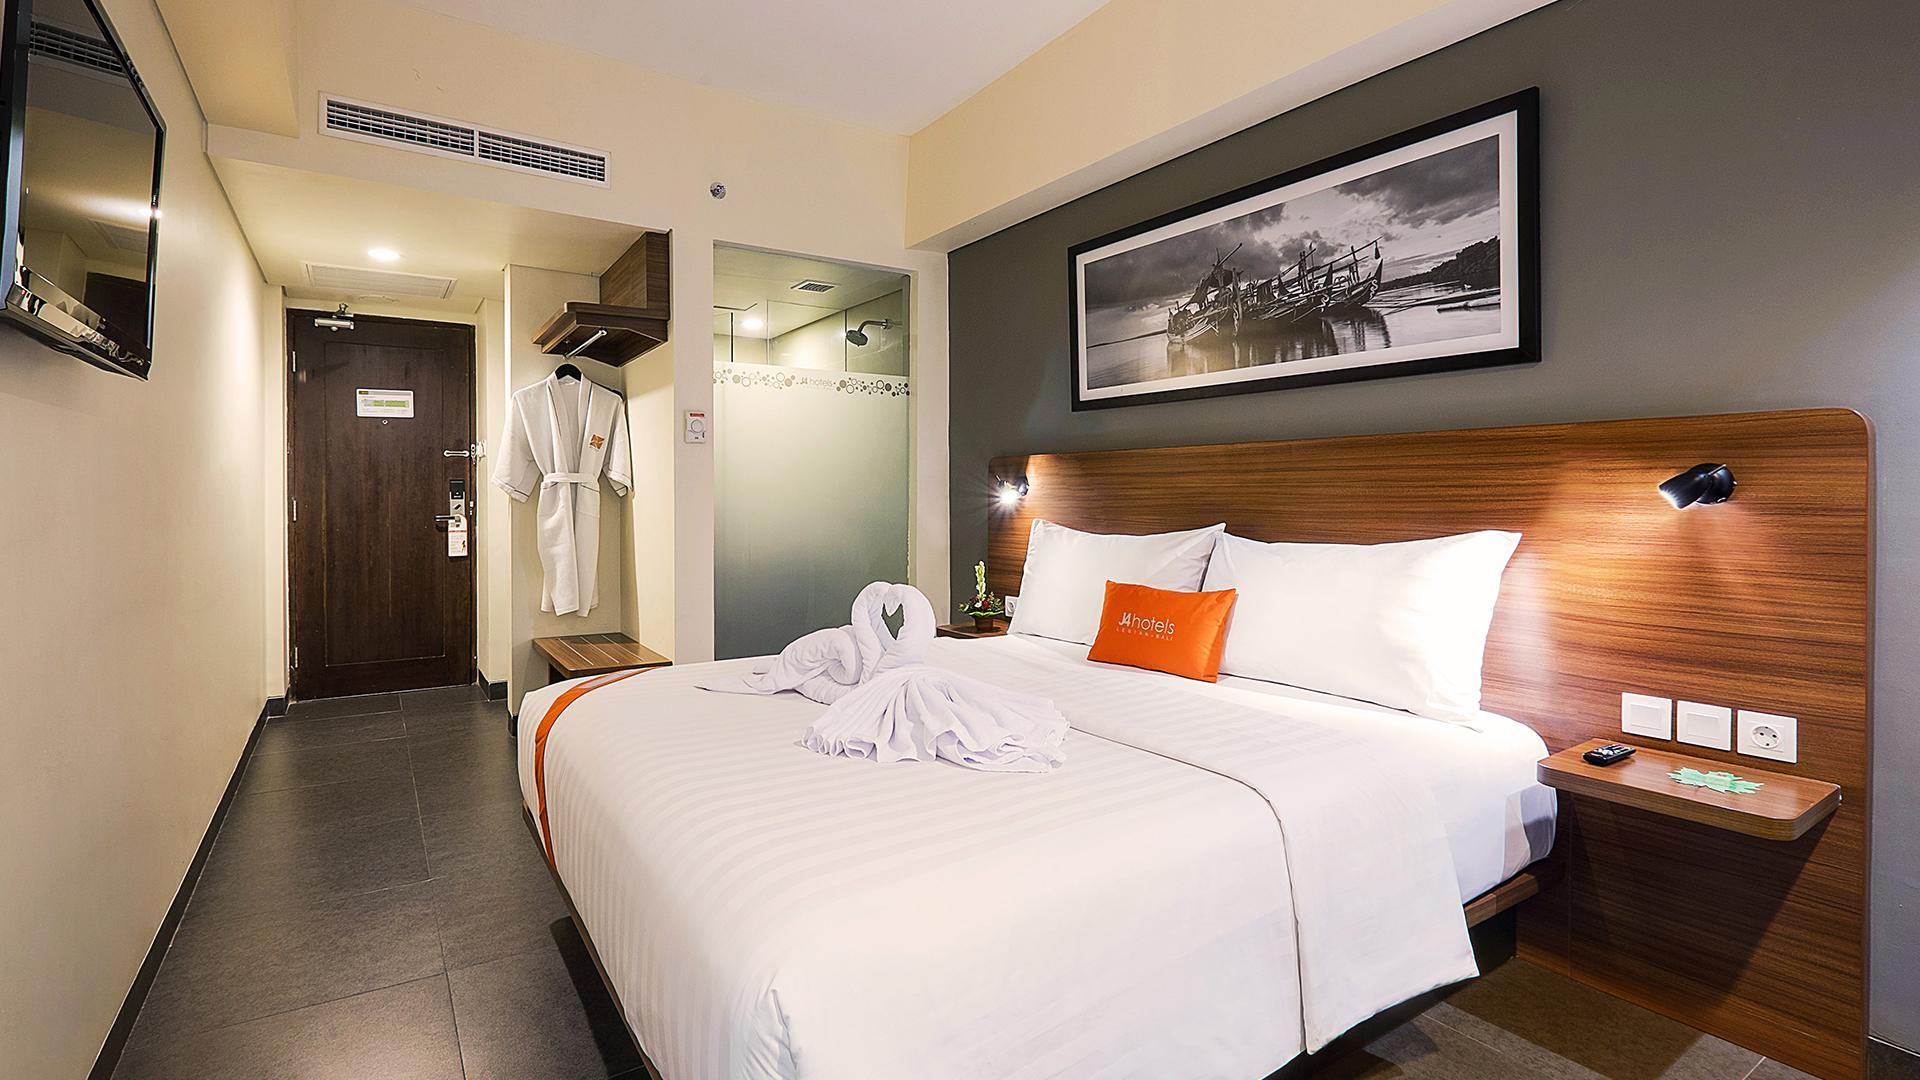 Superior Room image 1 at J4 Hotels Legian by Kabupaten Badung, Bali, Indonesia